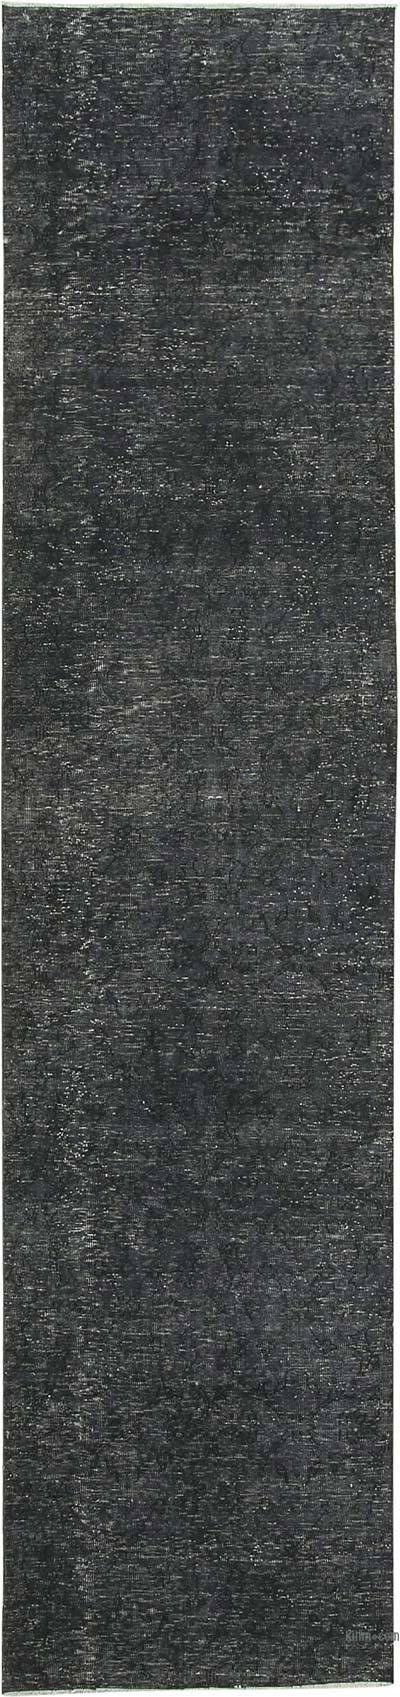 Siyah Boyalı El Dokuma Vintage Halı Yolluk - 91 cm x 386 cm